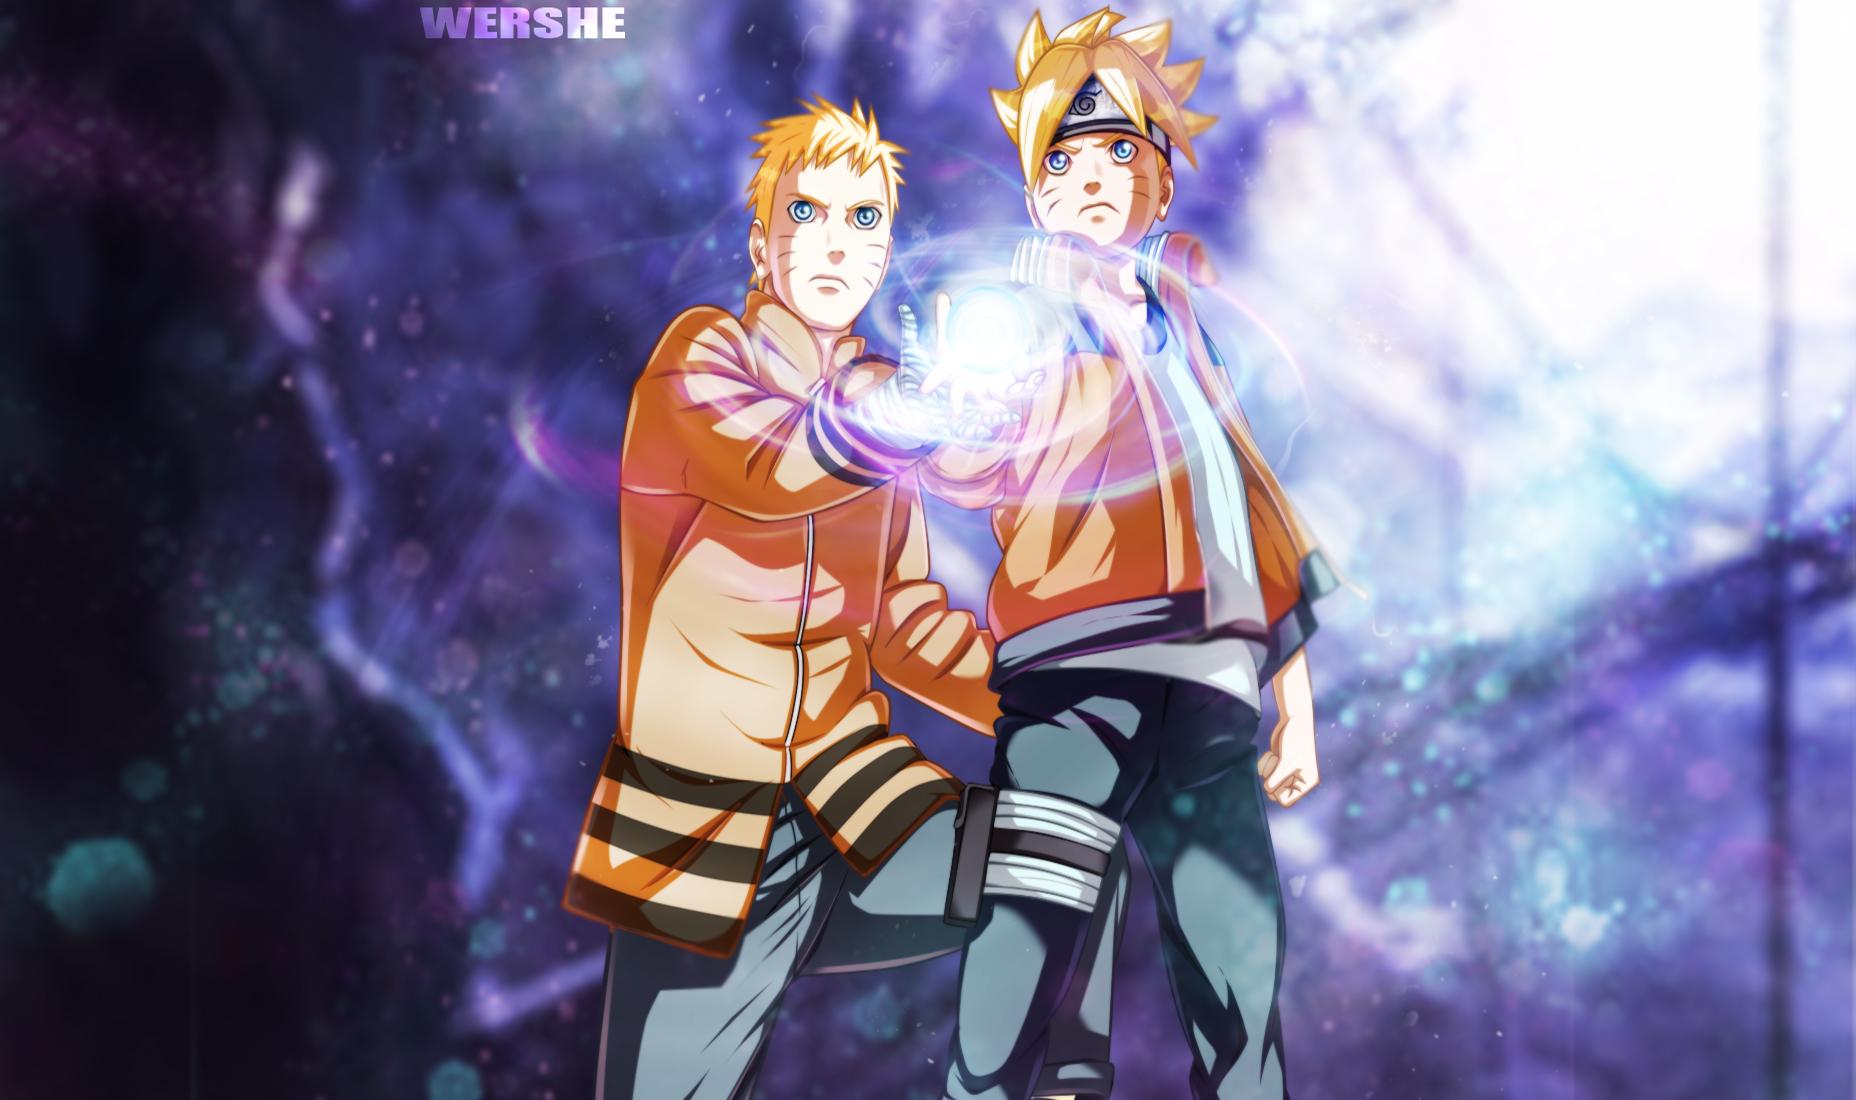 Anime Boruto Naruto The Movie Naruto Naruto Uzumaki Boruto Uzumaki Wallpaper Naruto The Movie Anime Naruto Naruto Wallpaper